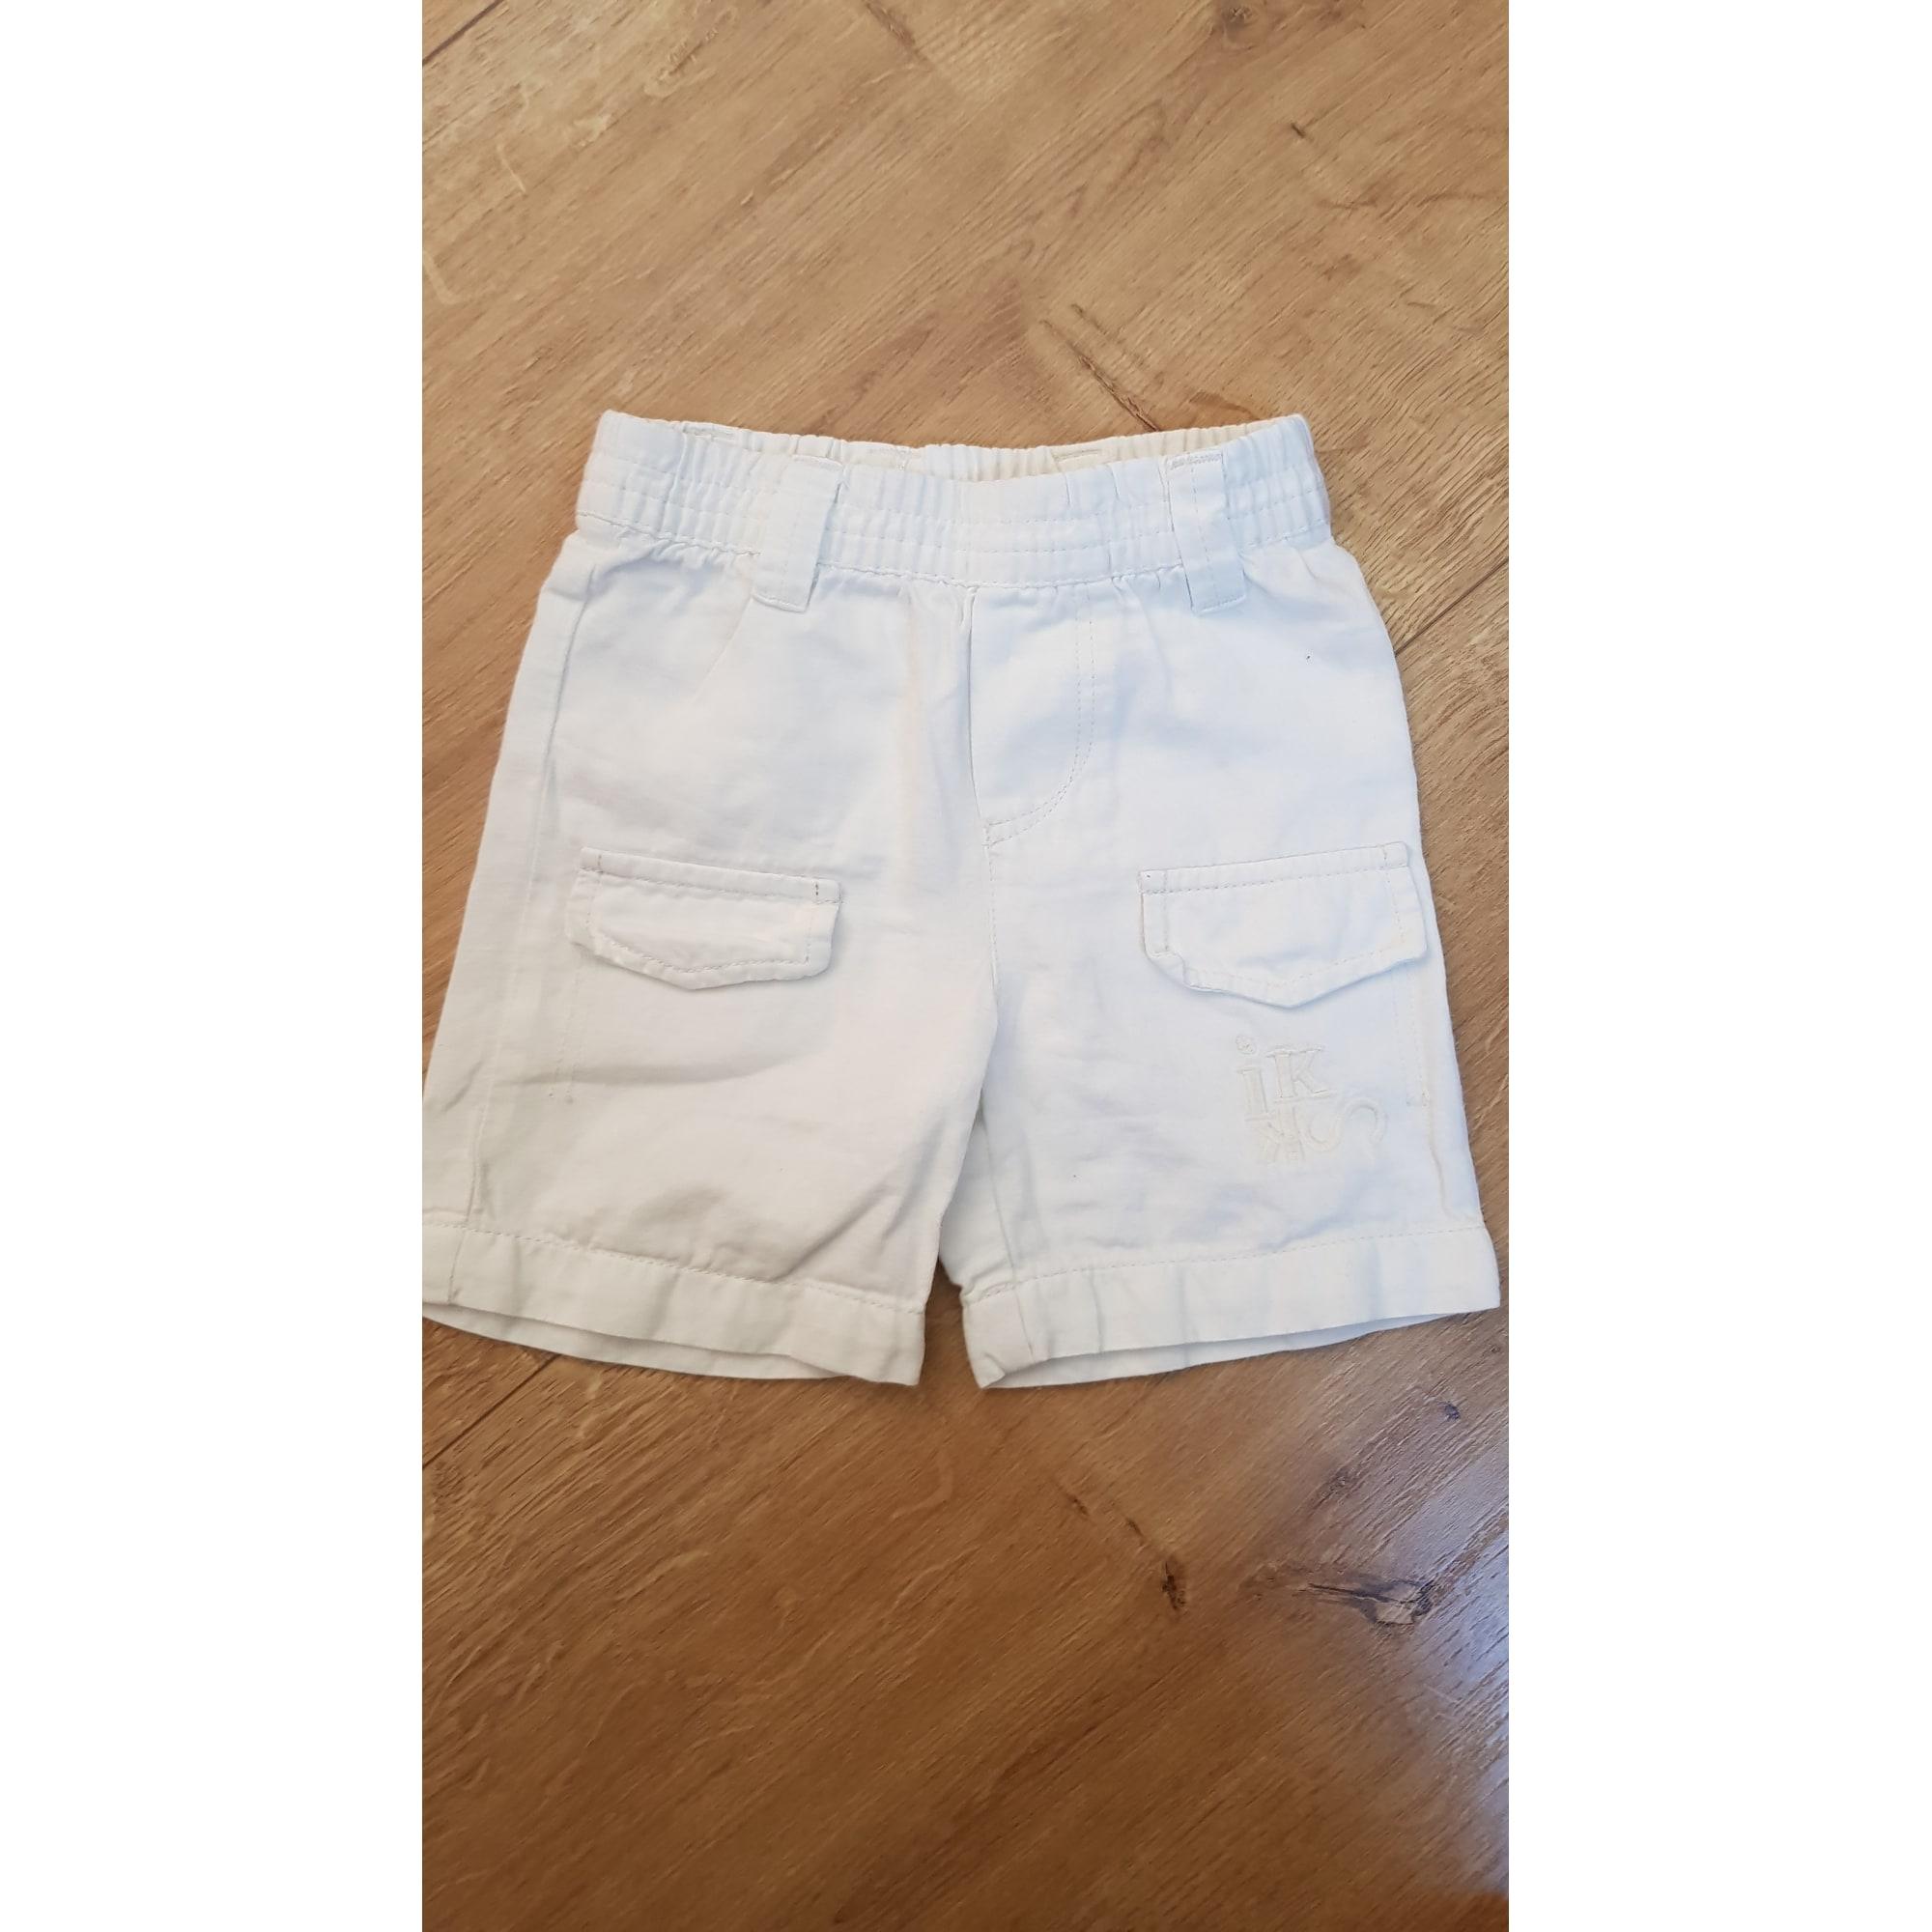 Shorts IKKS White, off-white, ecru